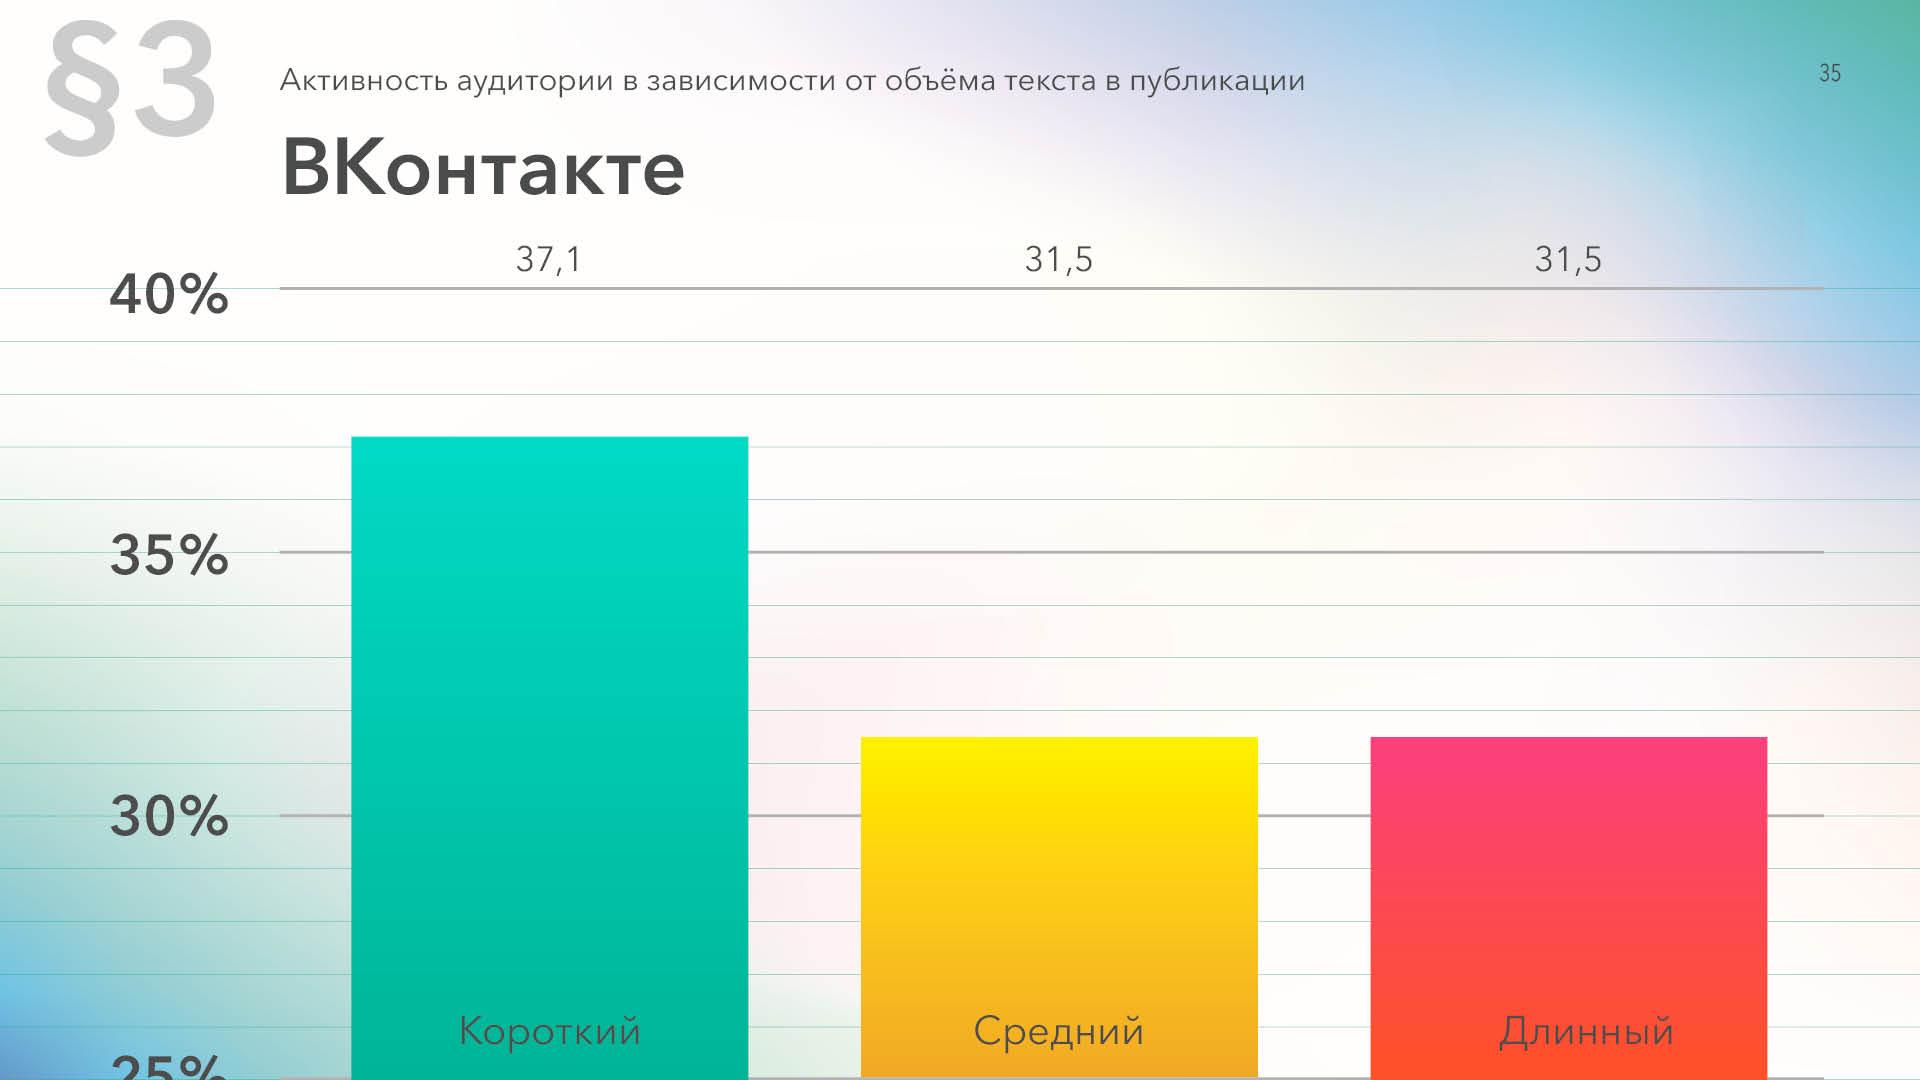 Средняя активность ВКонтакте в зависимости от длины текста в постах, данные за 2019 год